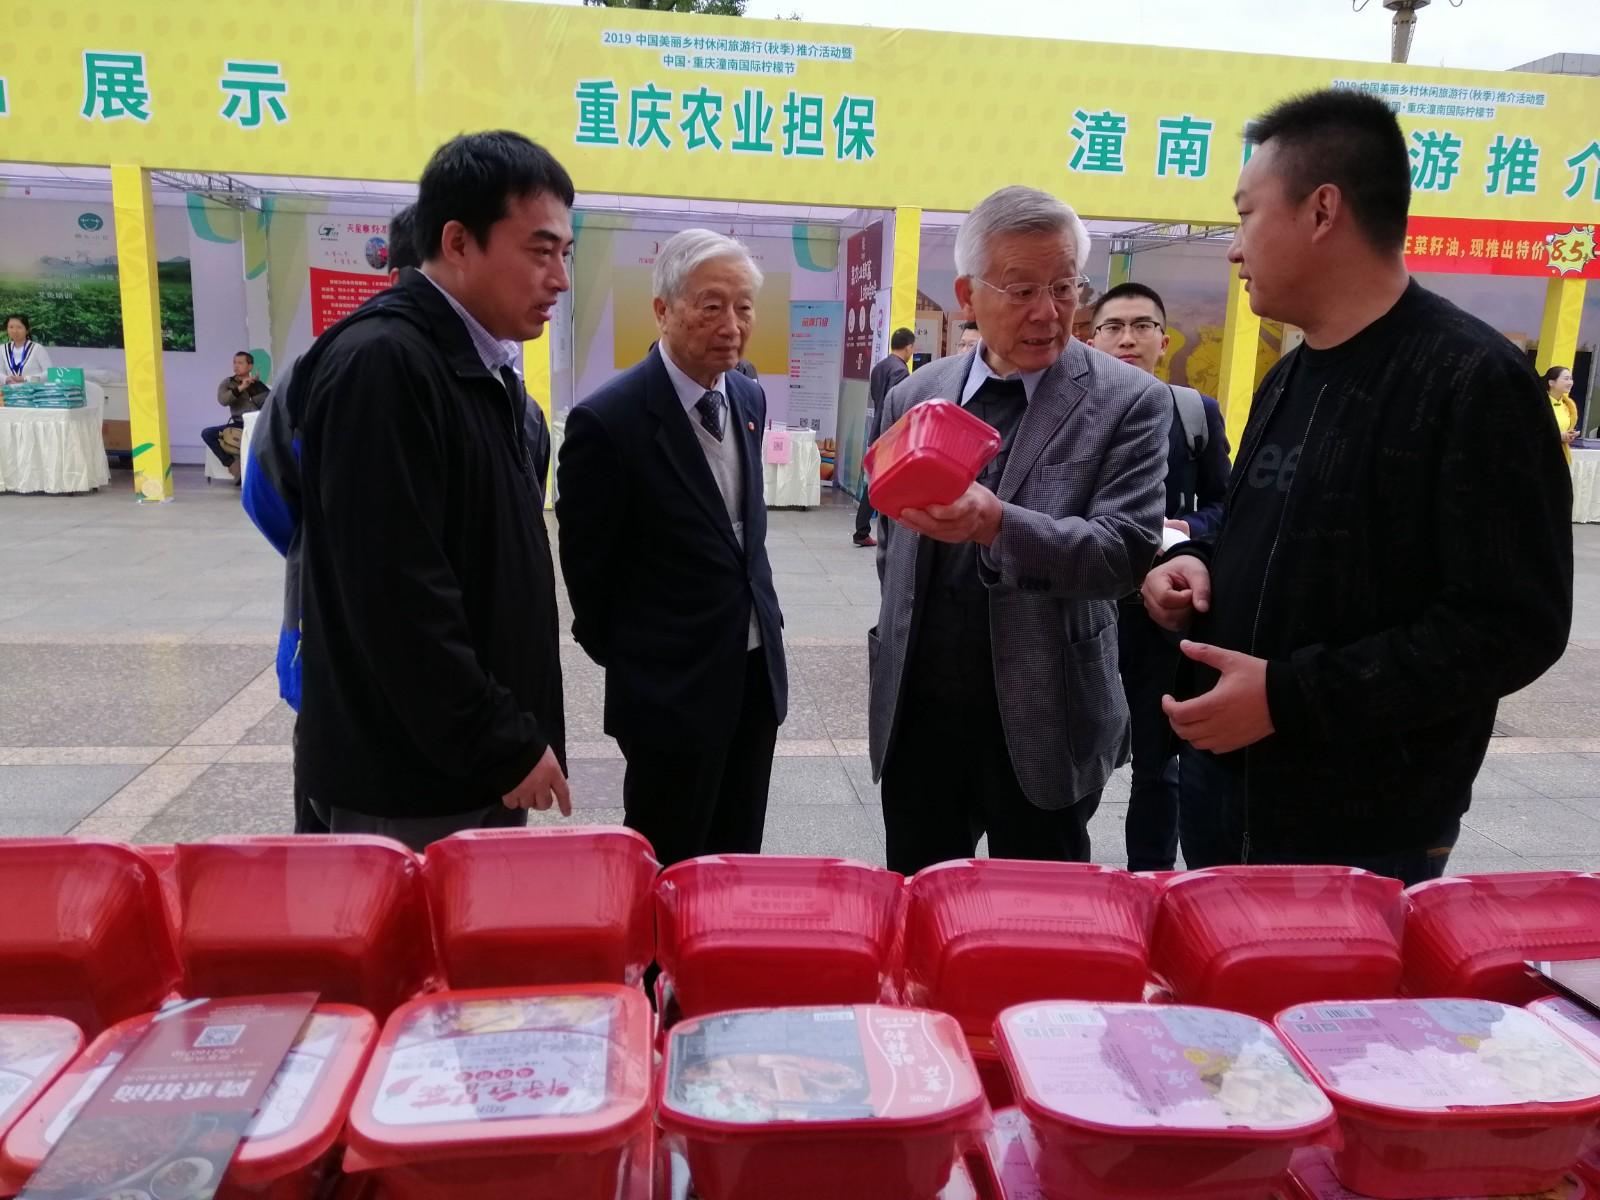 中国工程院原副院长、中国工程院士沈国舫先生、中国工程院院士尹伟伦先生参观指导3.jpg